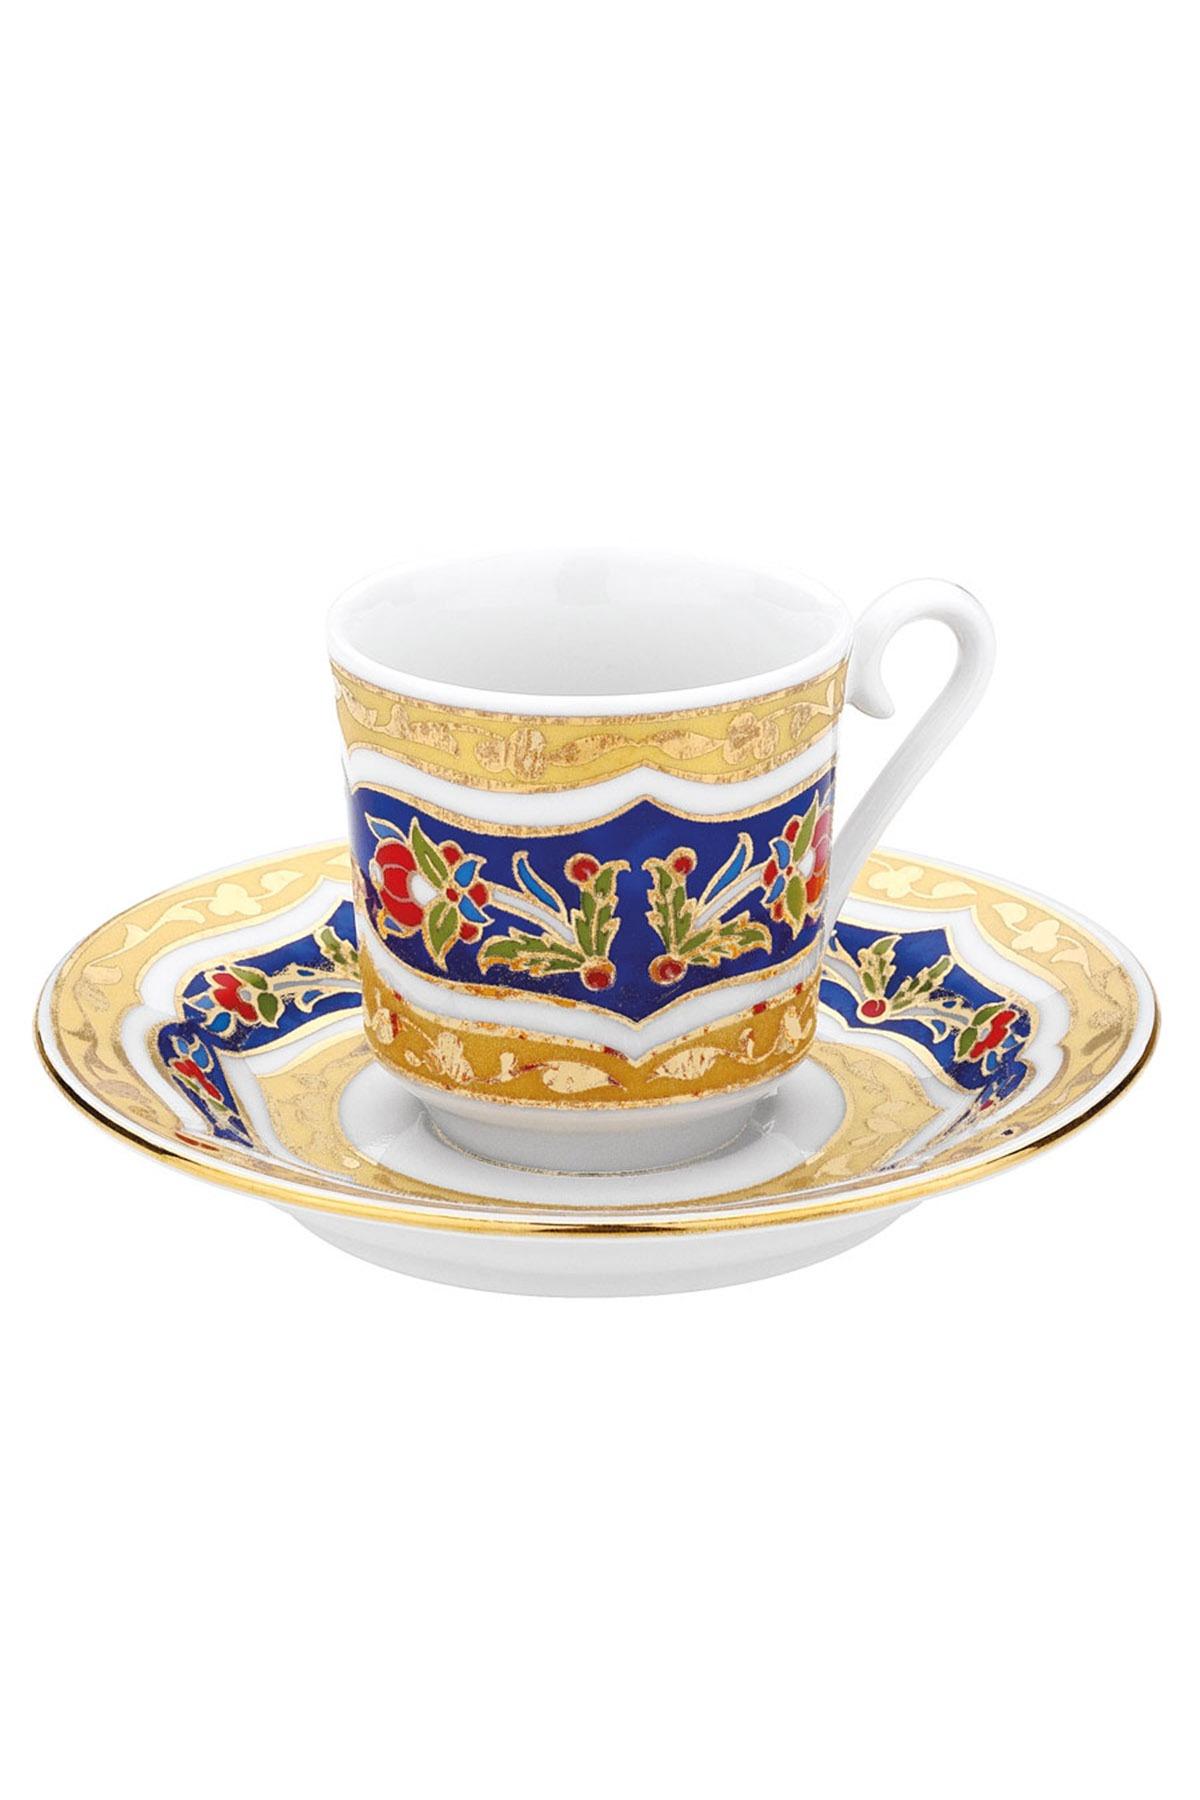 KÜTAHYA PORSELEN - Kütahya Porselen 3880 Desen Kahve Fincan Takımı